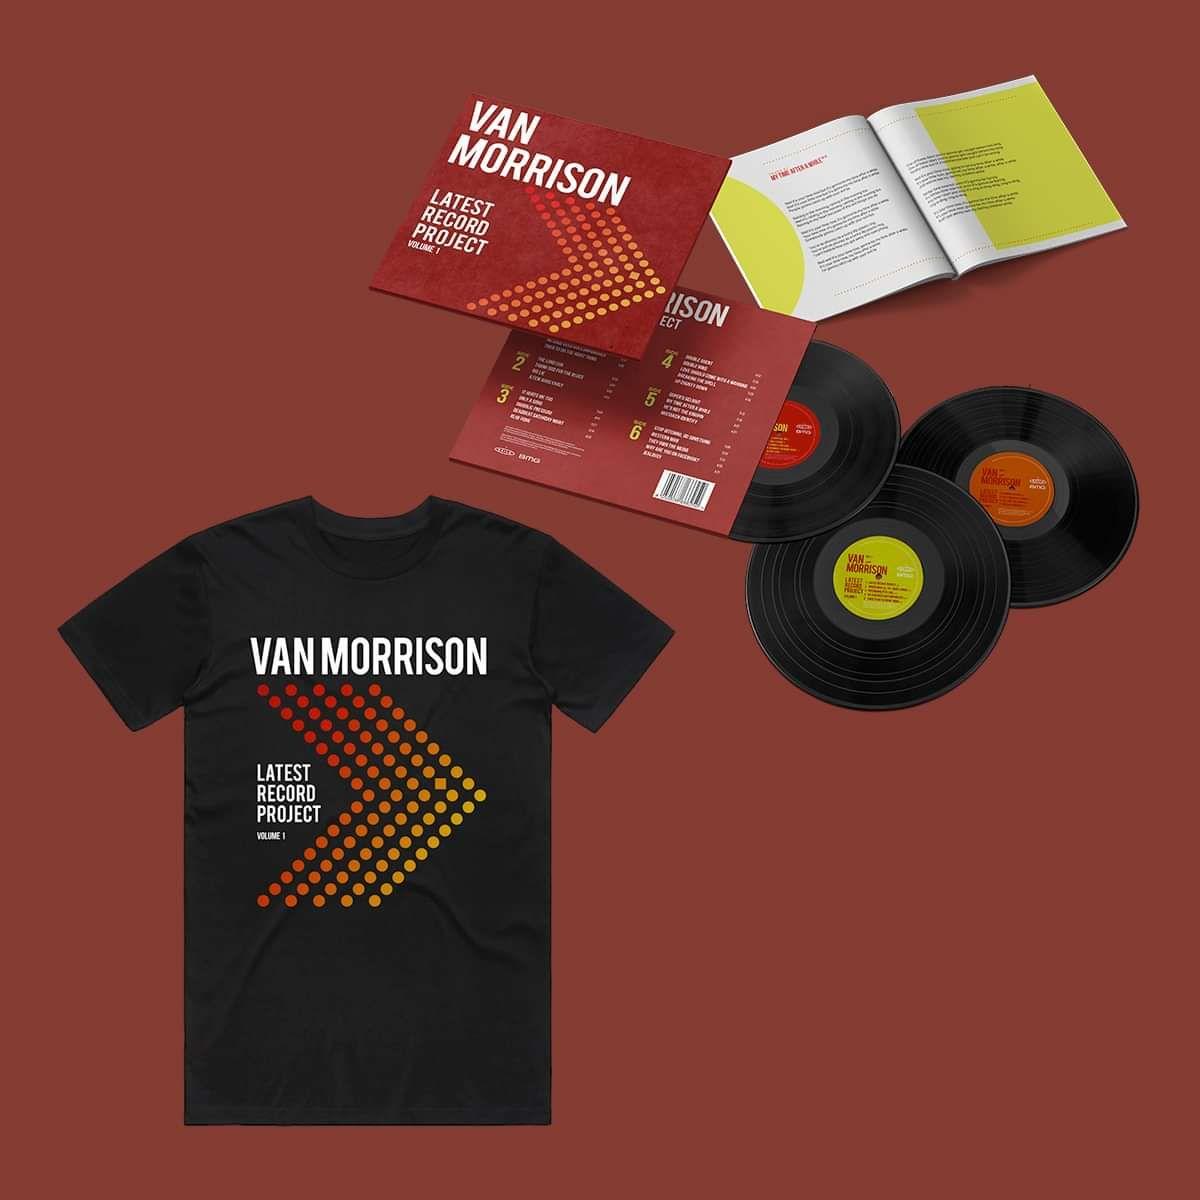 Van Morrison - Latest Record Project Volume 1 - Triple Vinyl & T-Shirt Bundle - Van Morrison US